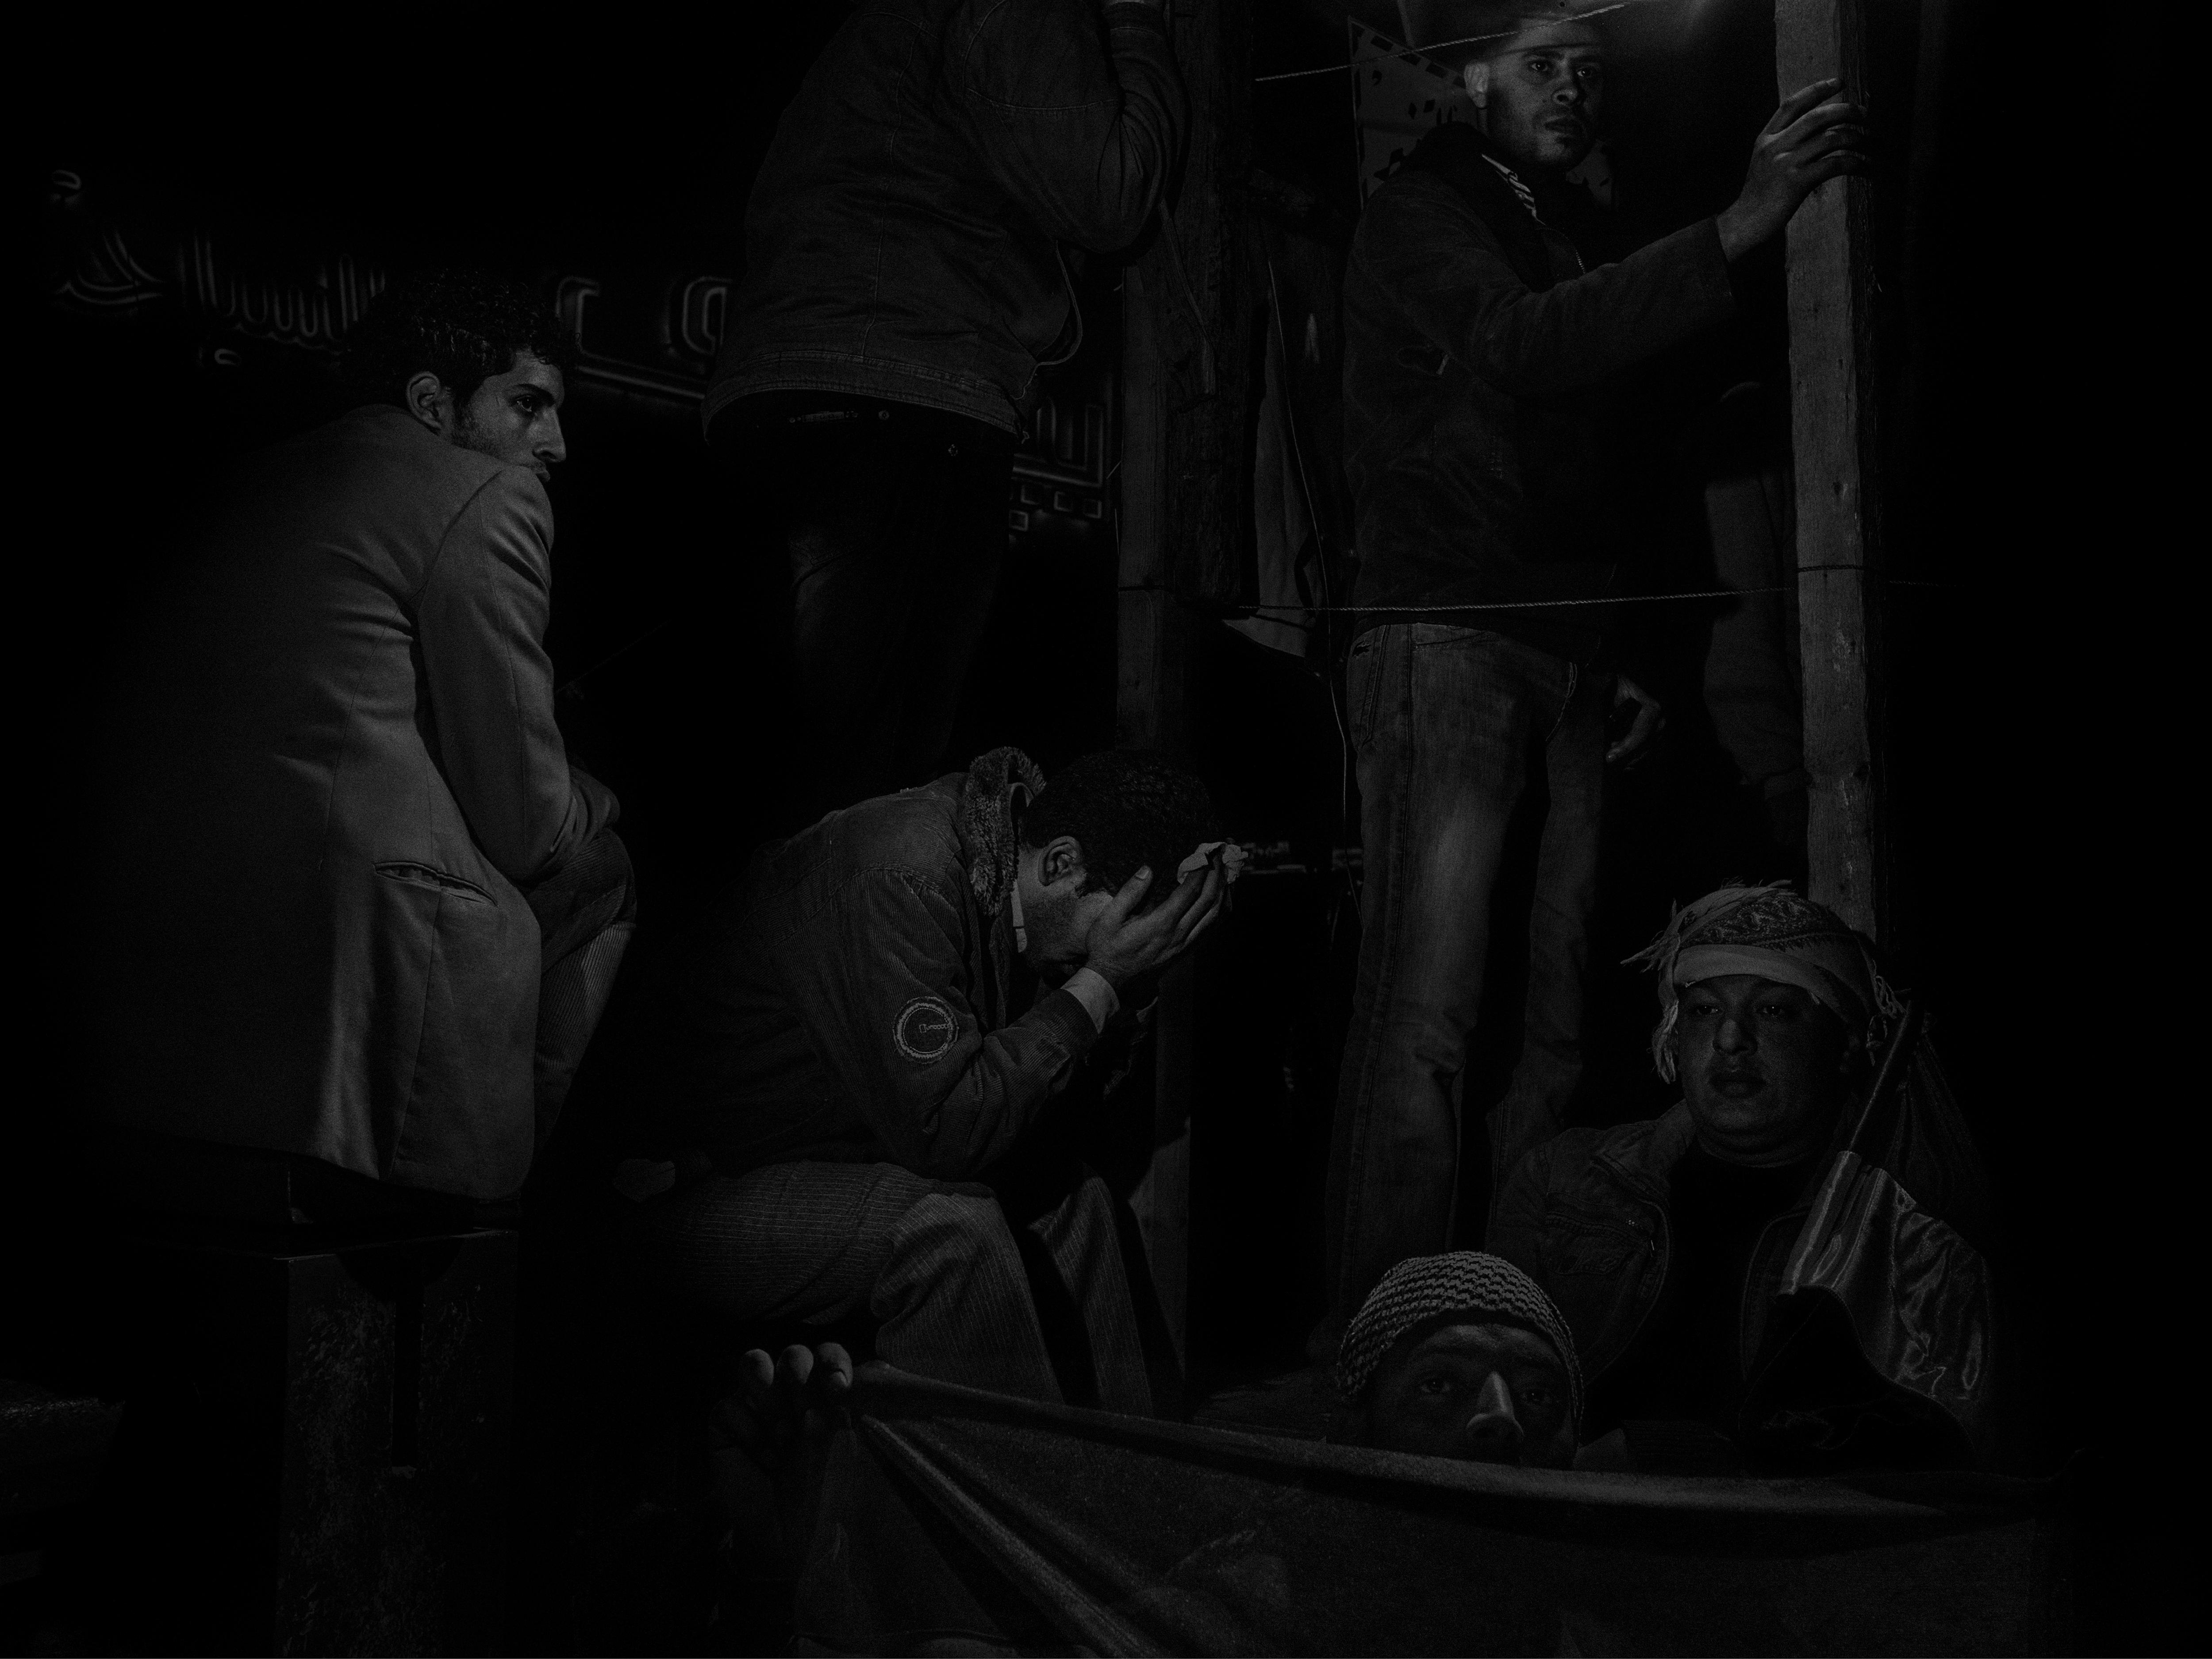 Alex Majoli, Égypte, Caire, 2011, Scene #4746 © Alex Majoli / Magnum Photos Des manifestants place Tahrir écoutent le discours du président Hosni Moubarak, dans lequel il annonce qu'il ne rennoncera pas au pouvoir.